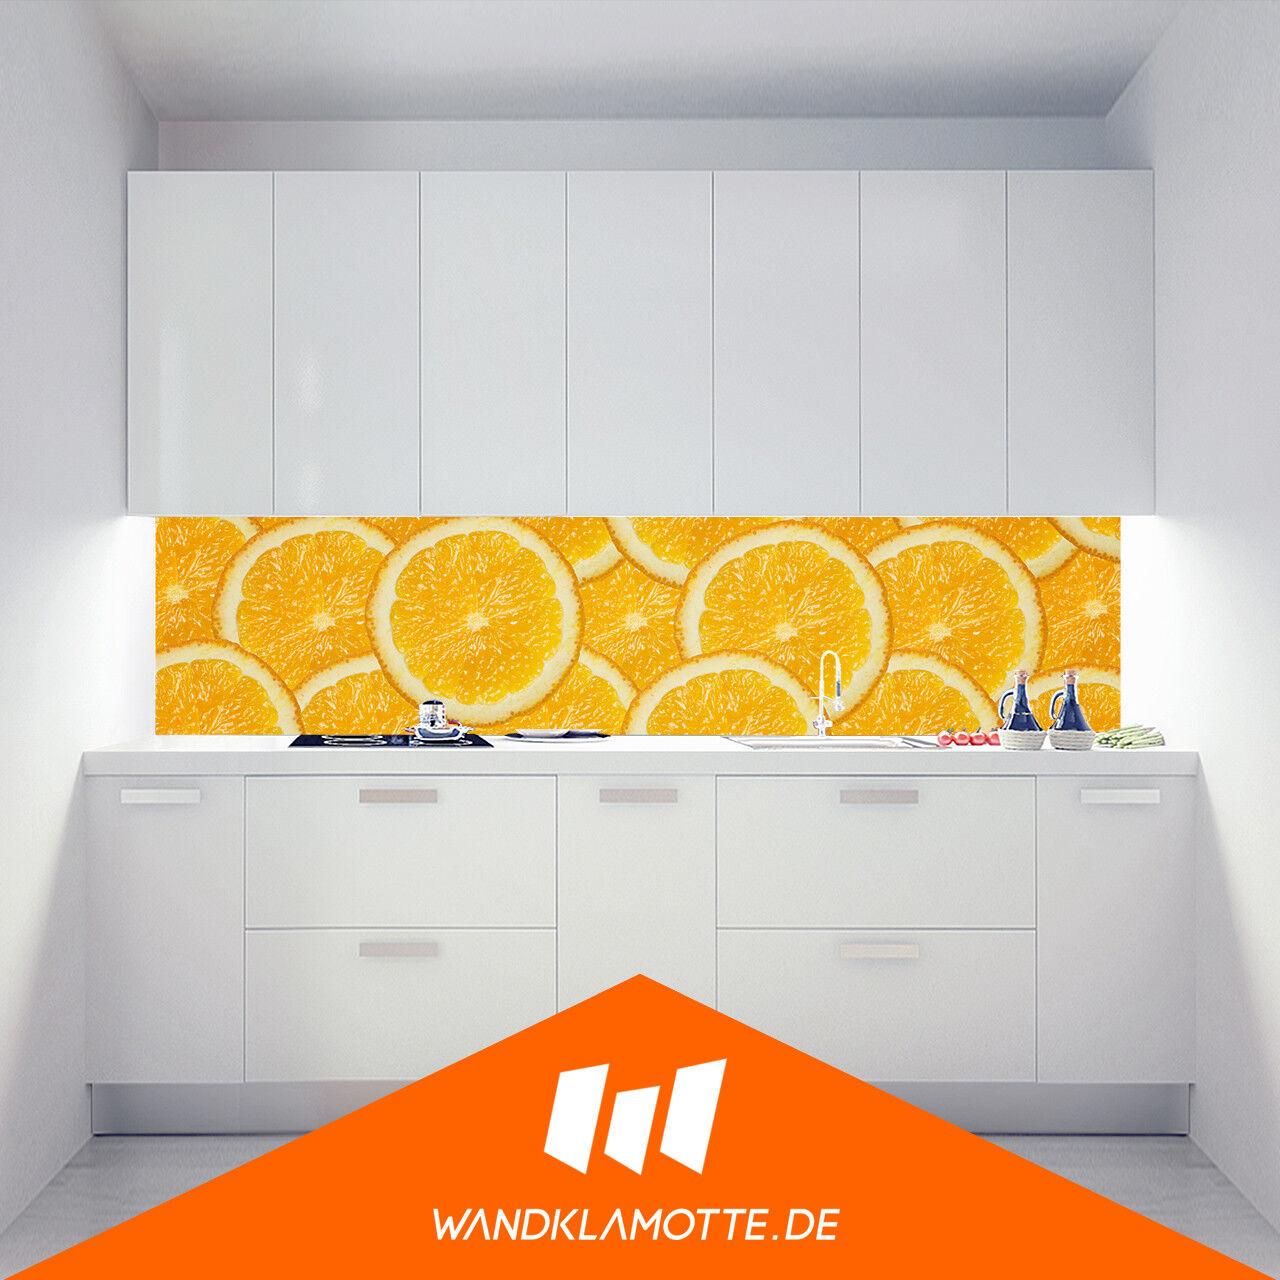 Parouge de Cocina Aluminio Compuesto Estufa Prougeección contra Salpicaduras Orange